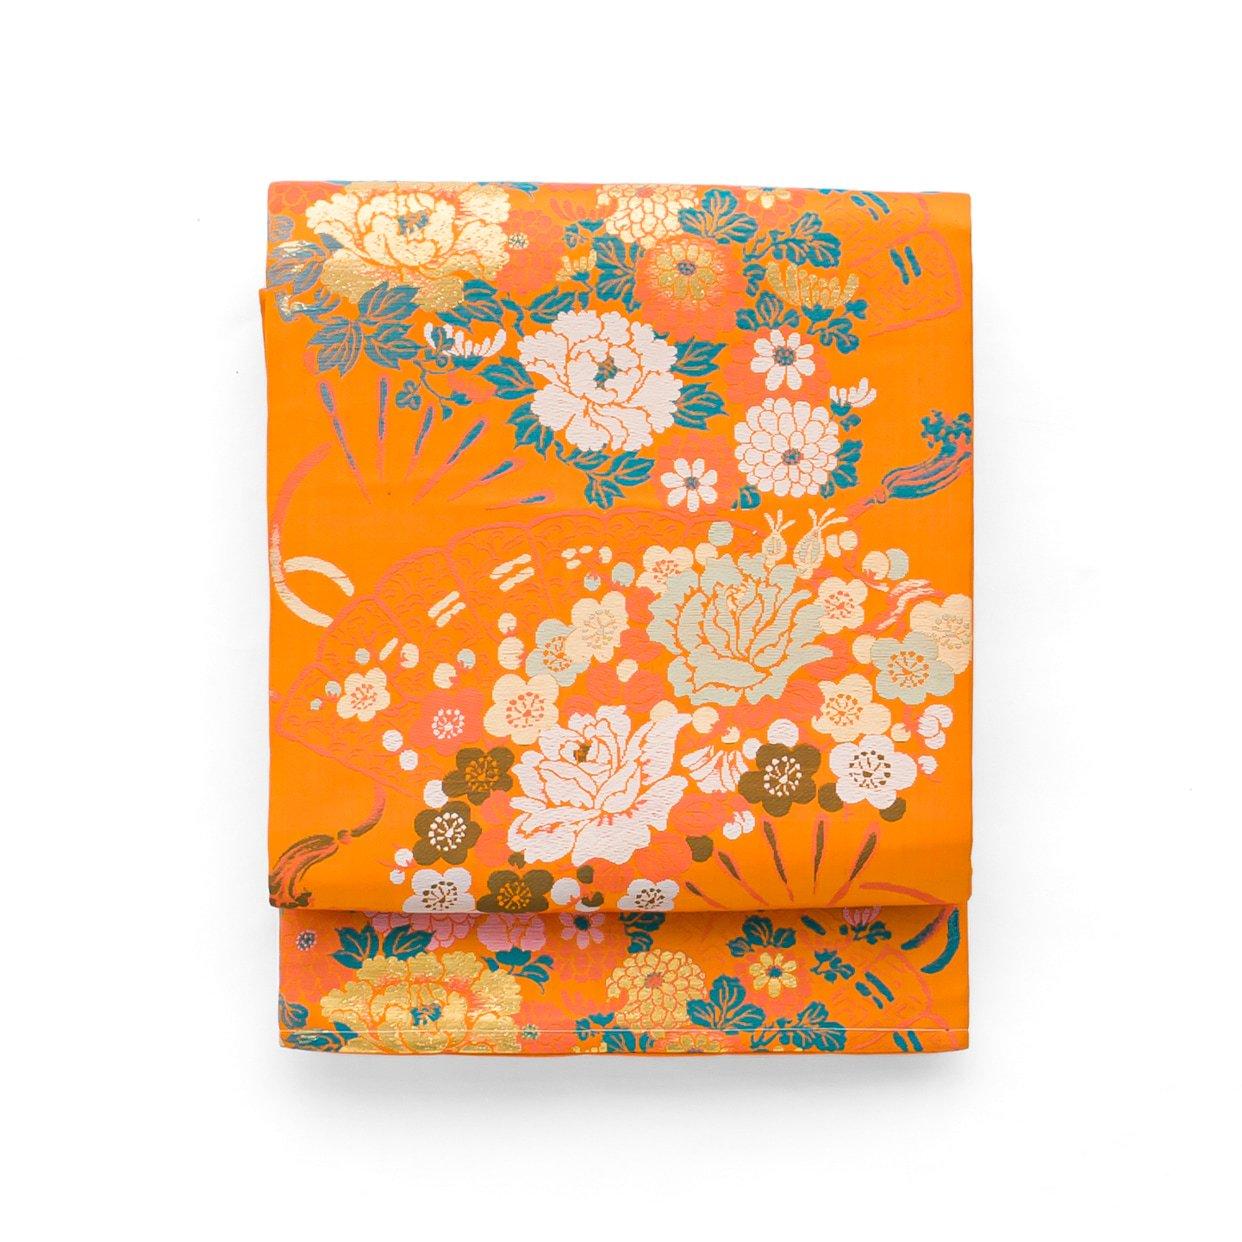 「アンティーク着物 檜扇に薔薇や牡丹」の商品画像